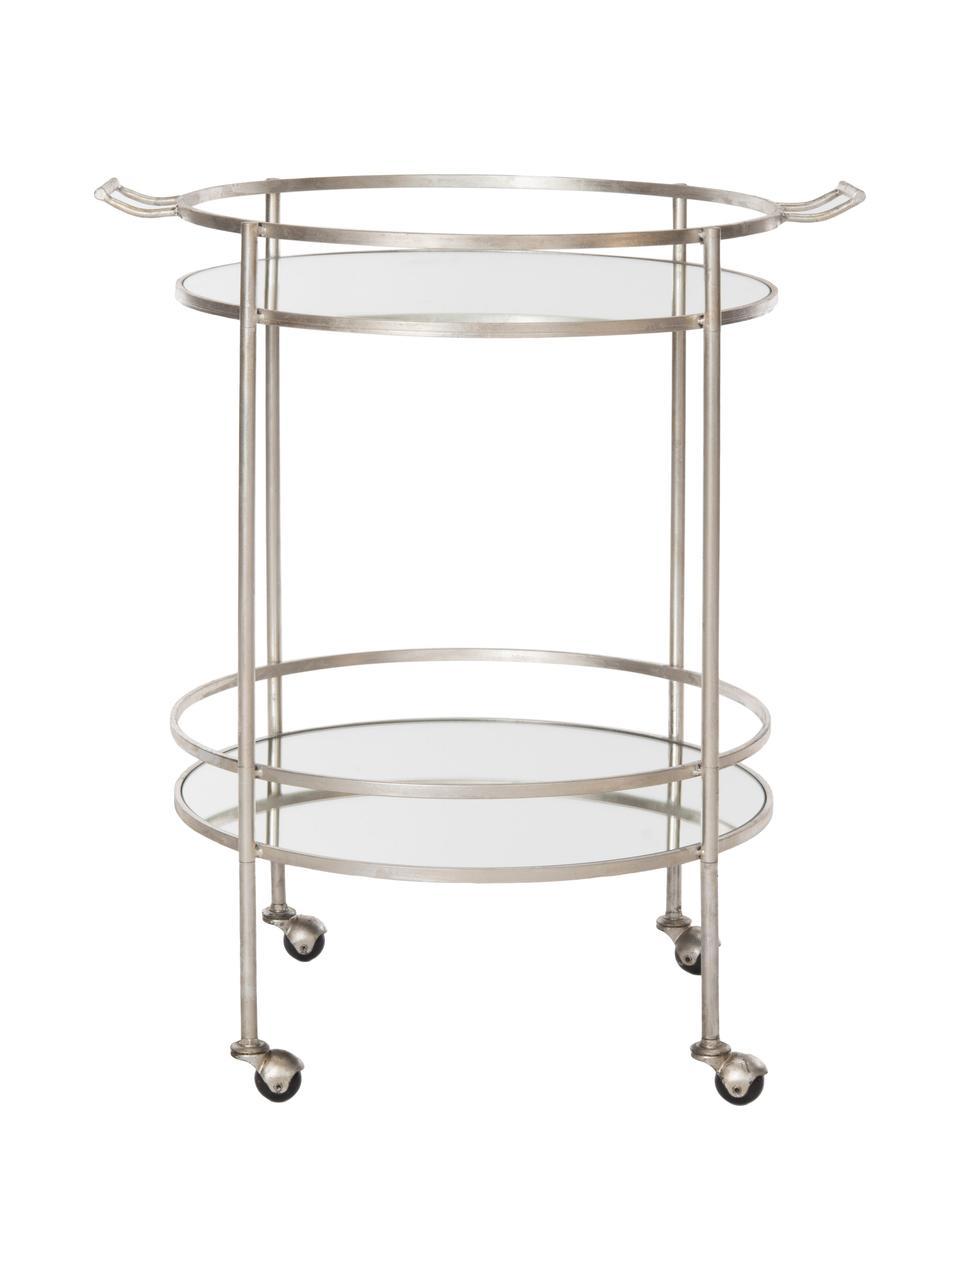 Carrello di servizio in metallo Harper, Struttura: ferro, con finitura antic, Struttura: Metallo Piatto: vetro a specchio, Larg. 64 x Prof. 50 cm